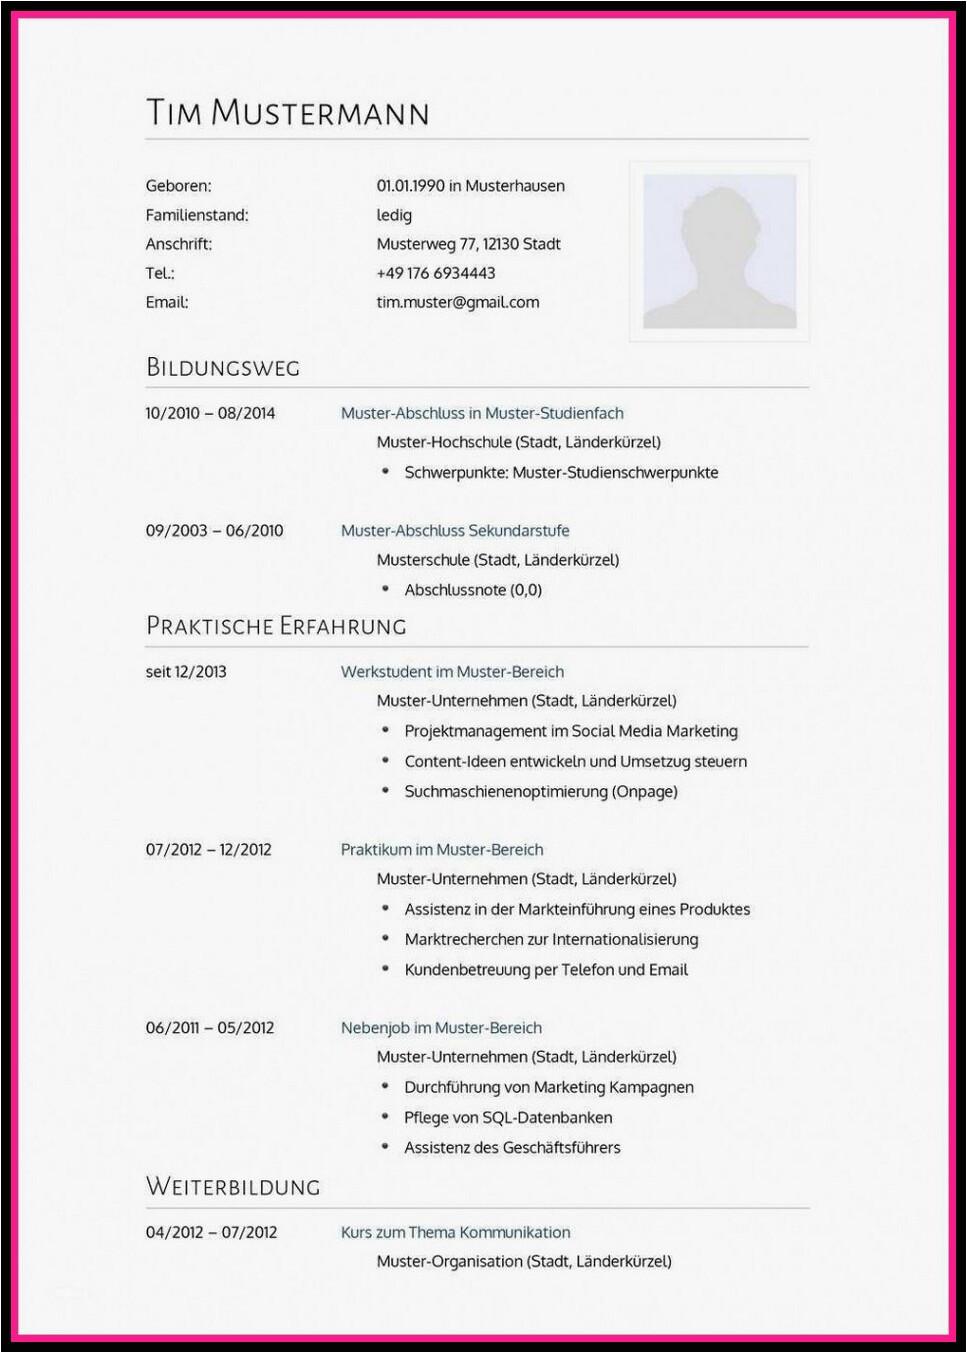 beispiel lebenslauf englisch kostenlos vorlage schüler pdf cv xing muster word vorlagen auf dokument ingenieur staatsangehärigkeit im anhang synonym